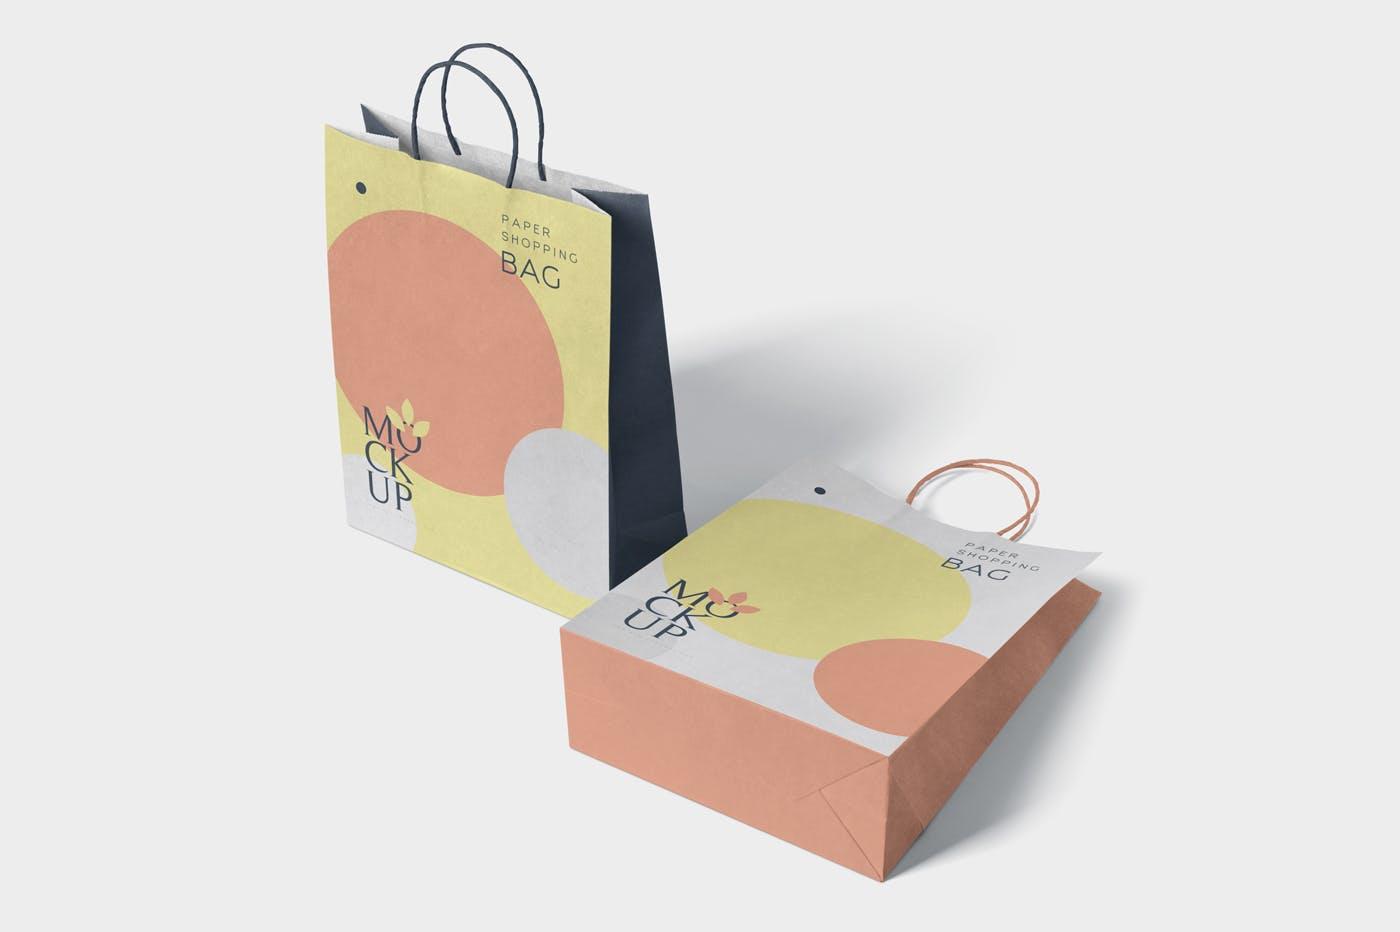 多用途手提纸袋子环保超薄购物袋设计样机素材下载[PSD] 5-paper-shopping-bag-mockups-S75TX8N-2019-08-01